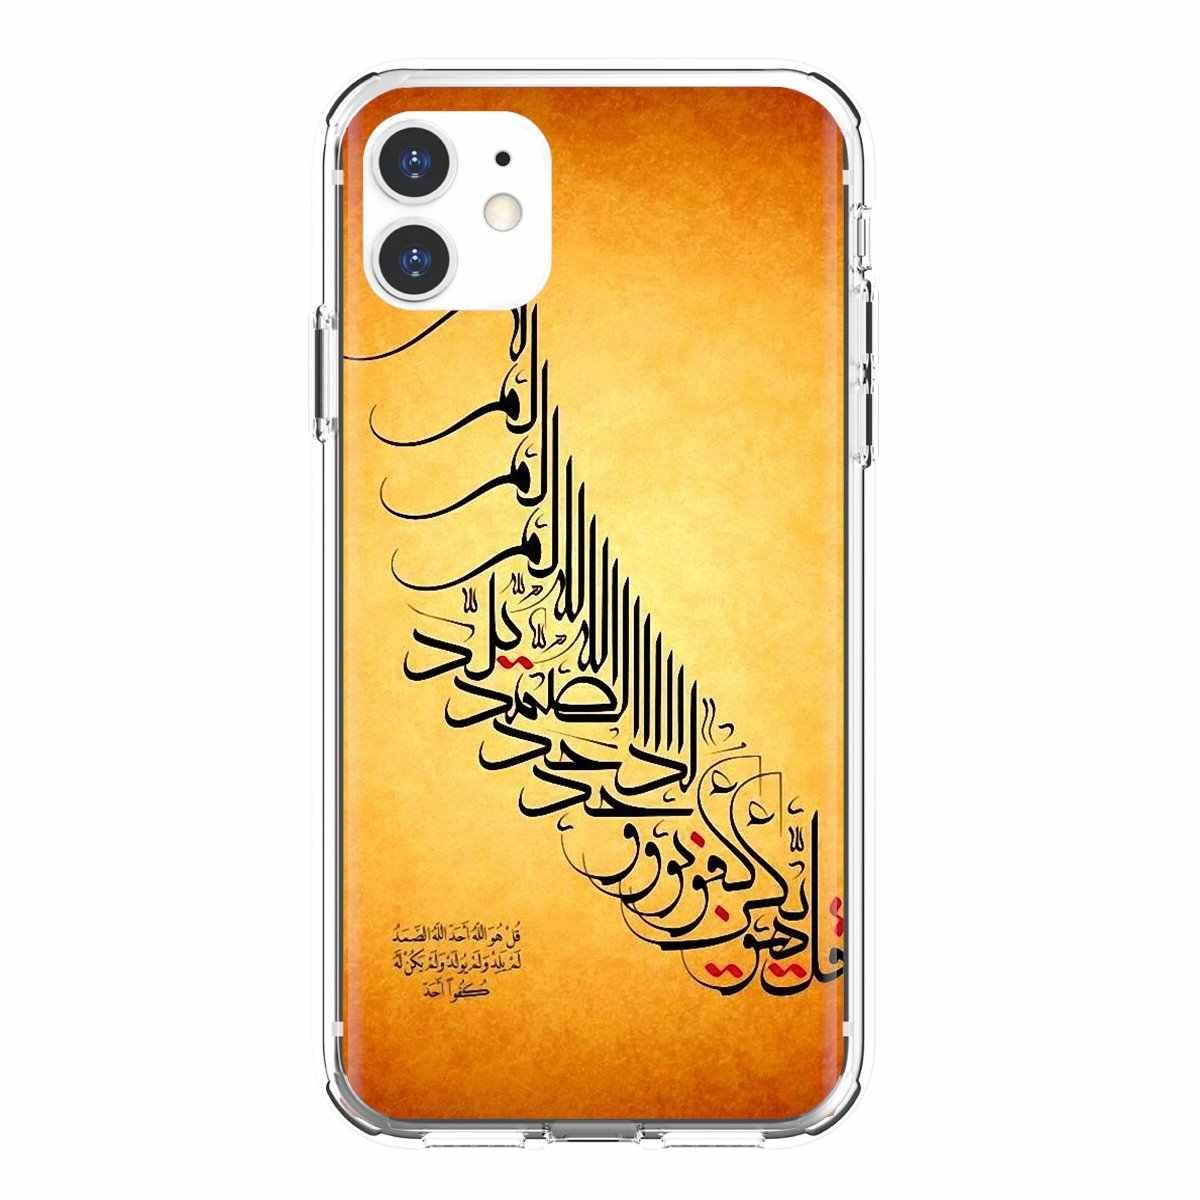 מוסלמי סגנון ערבי יופי סיליקון עור מקרה עבור שיאו mi mi A1 A2 A3 5X6X8 9 9t לייט SE פרו mi Max mi x 1 2 3 2S